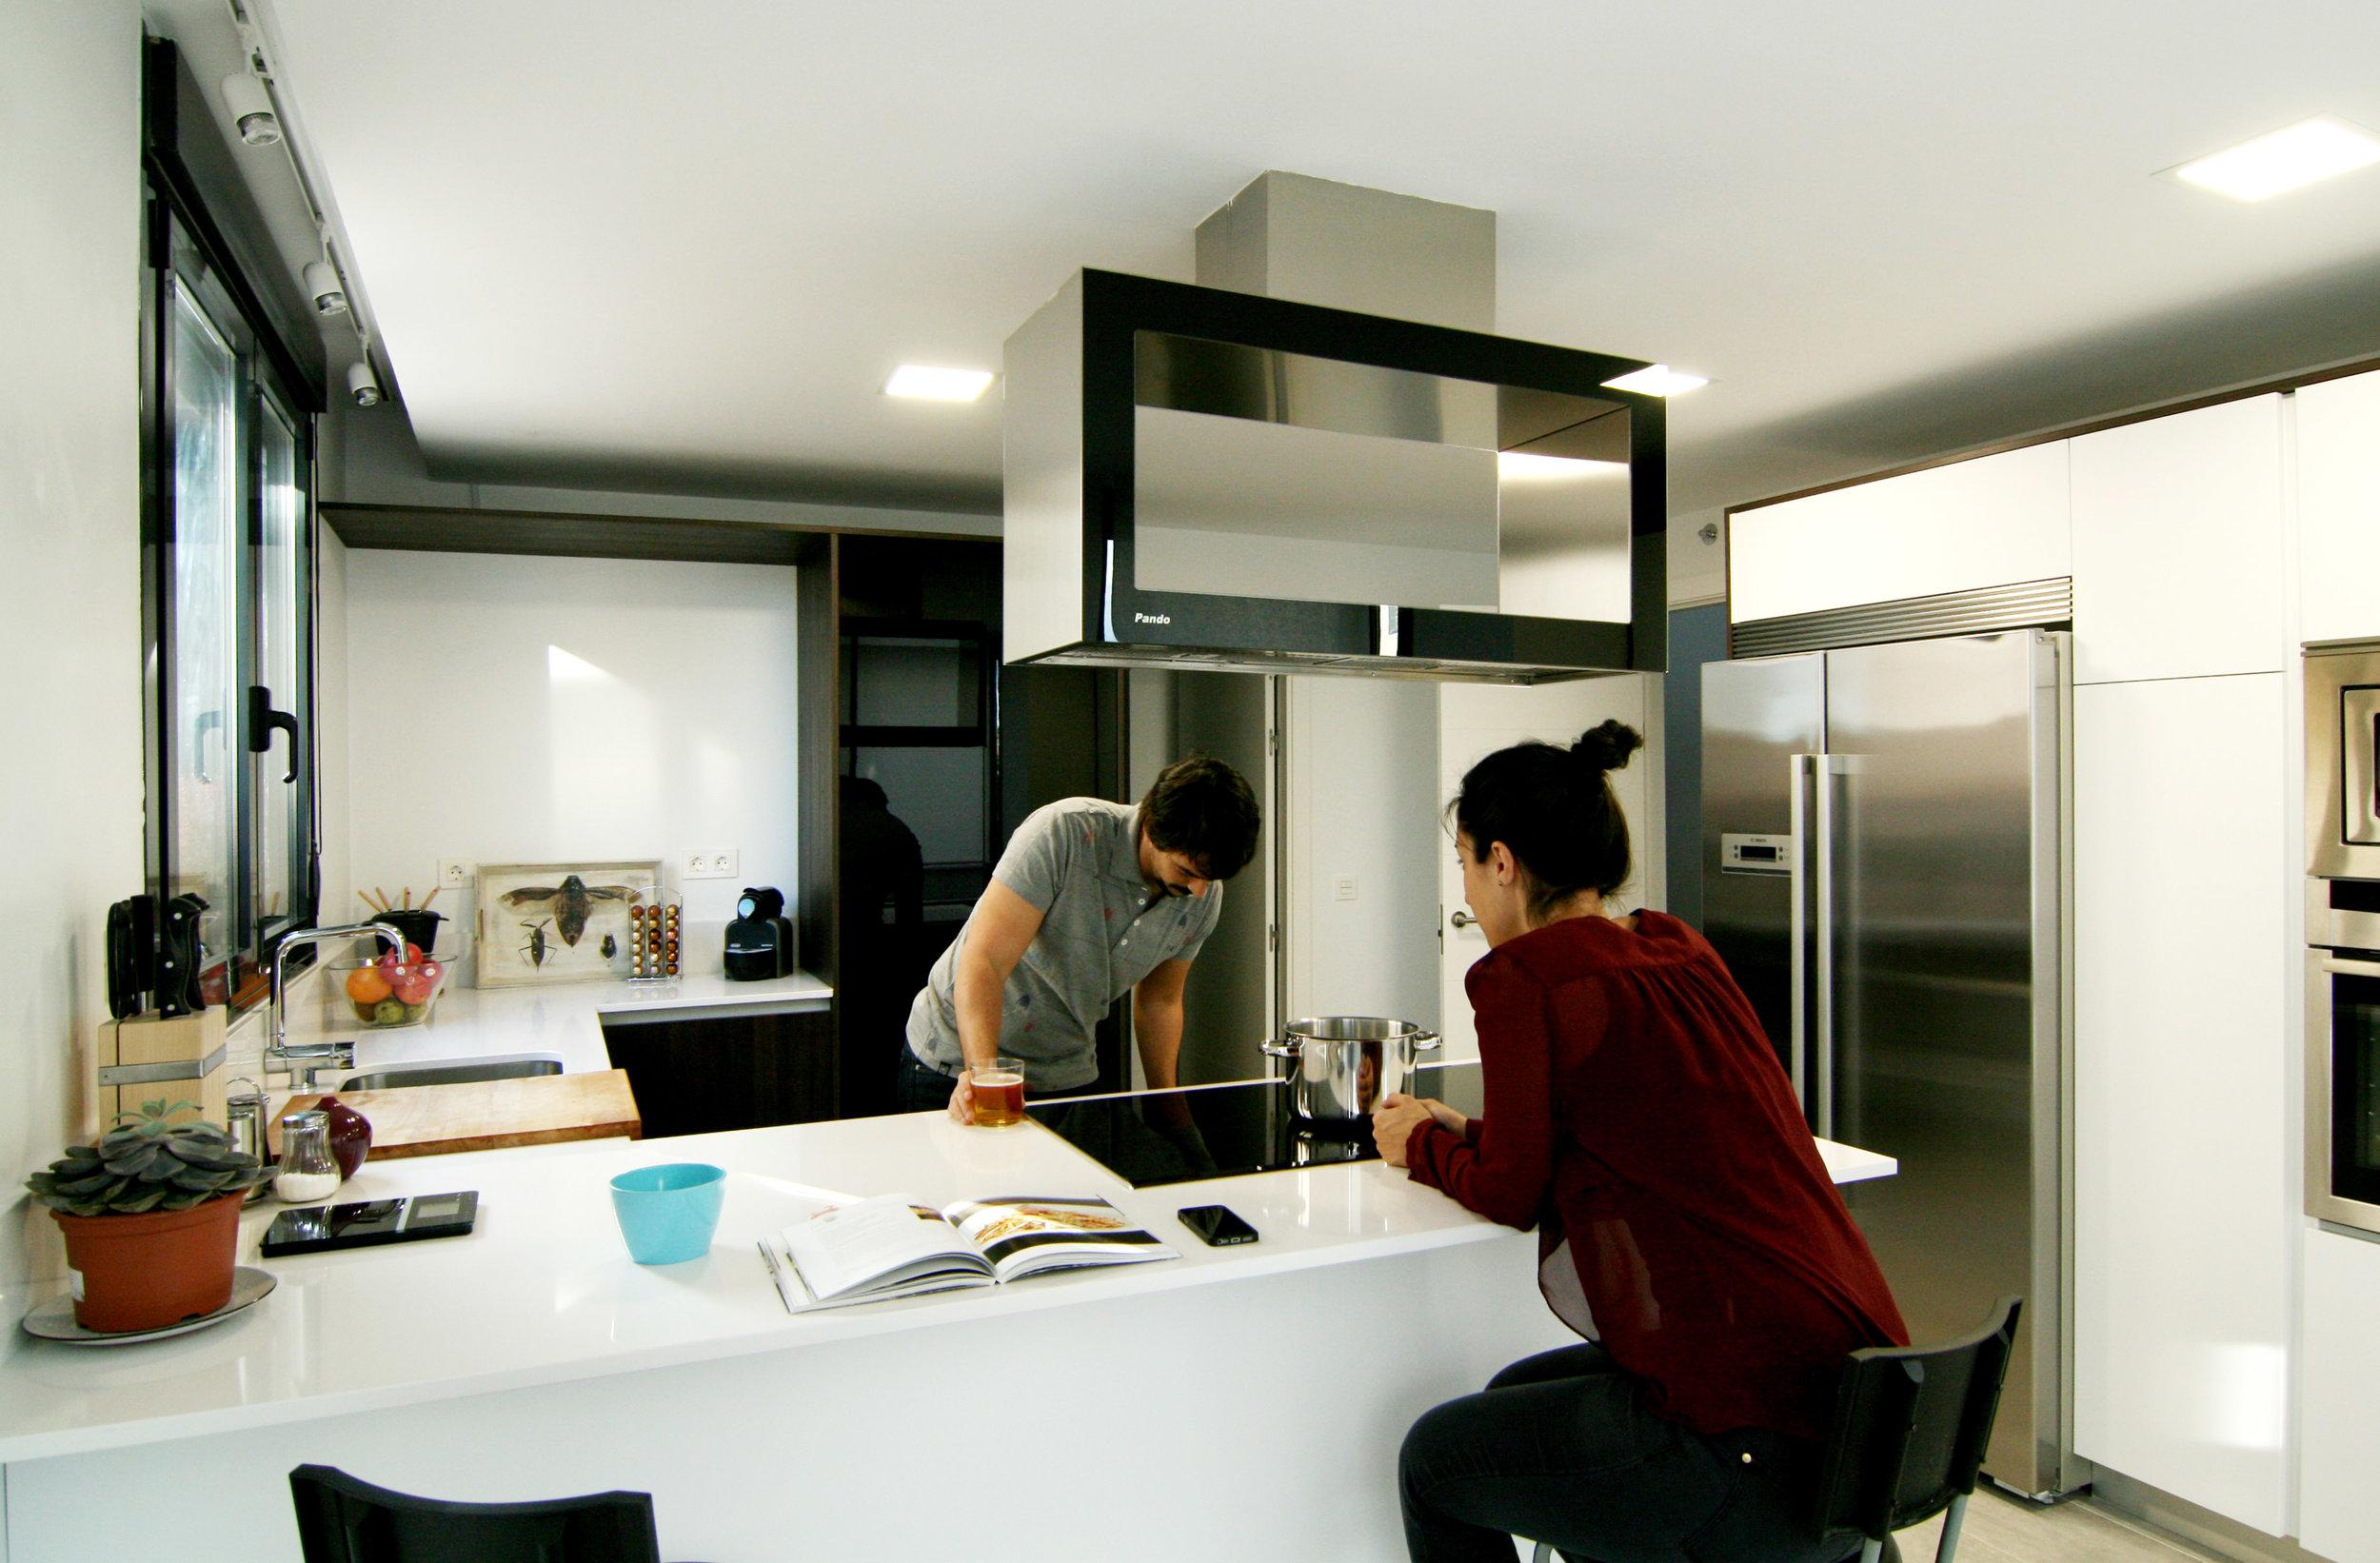 diseño slow emmme studio la cocina de Pablo y Esther - 01 - SM.jpg